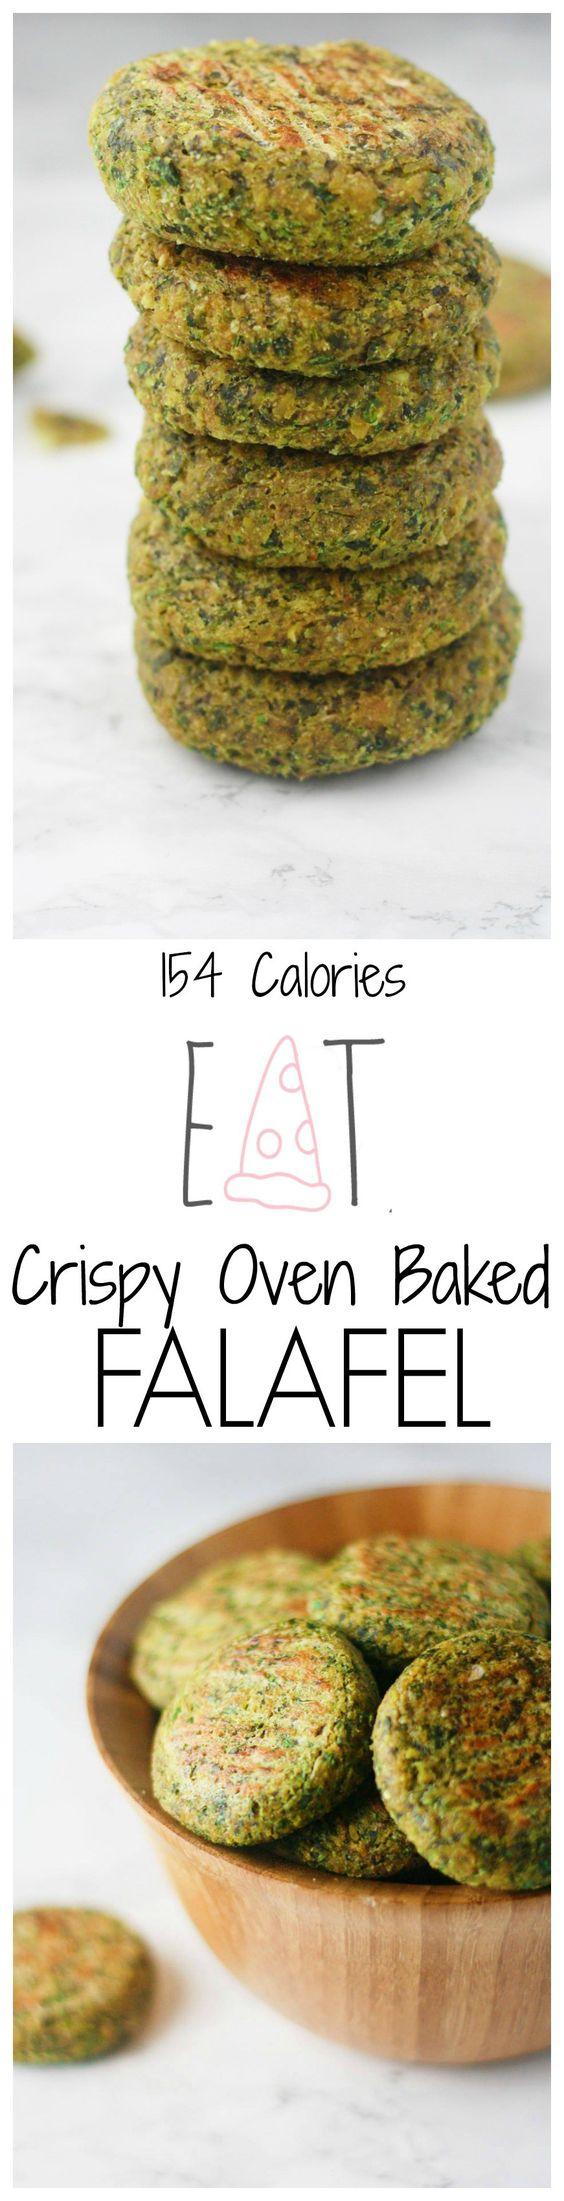 Easy Oven Baked Falafel | Recipe | Baked Falafel, Baked Falafel Recipe ...